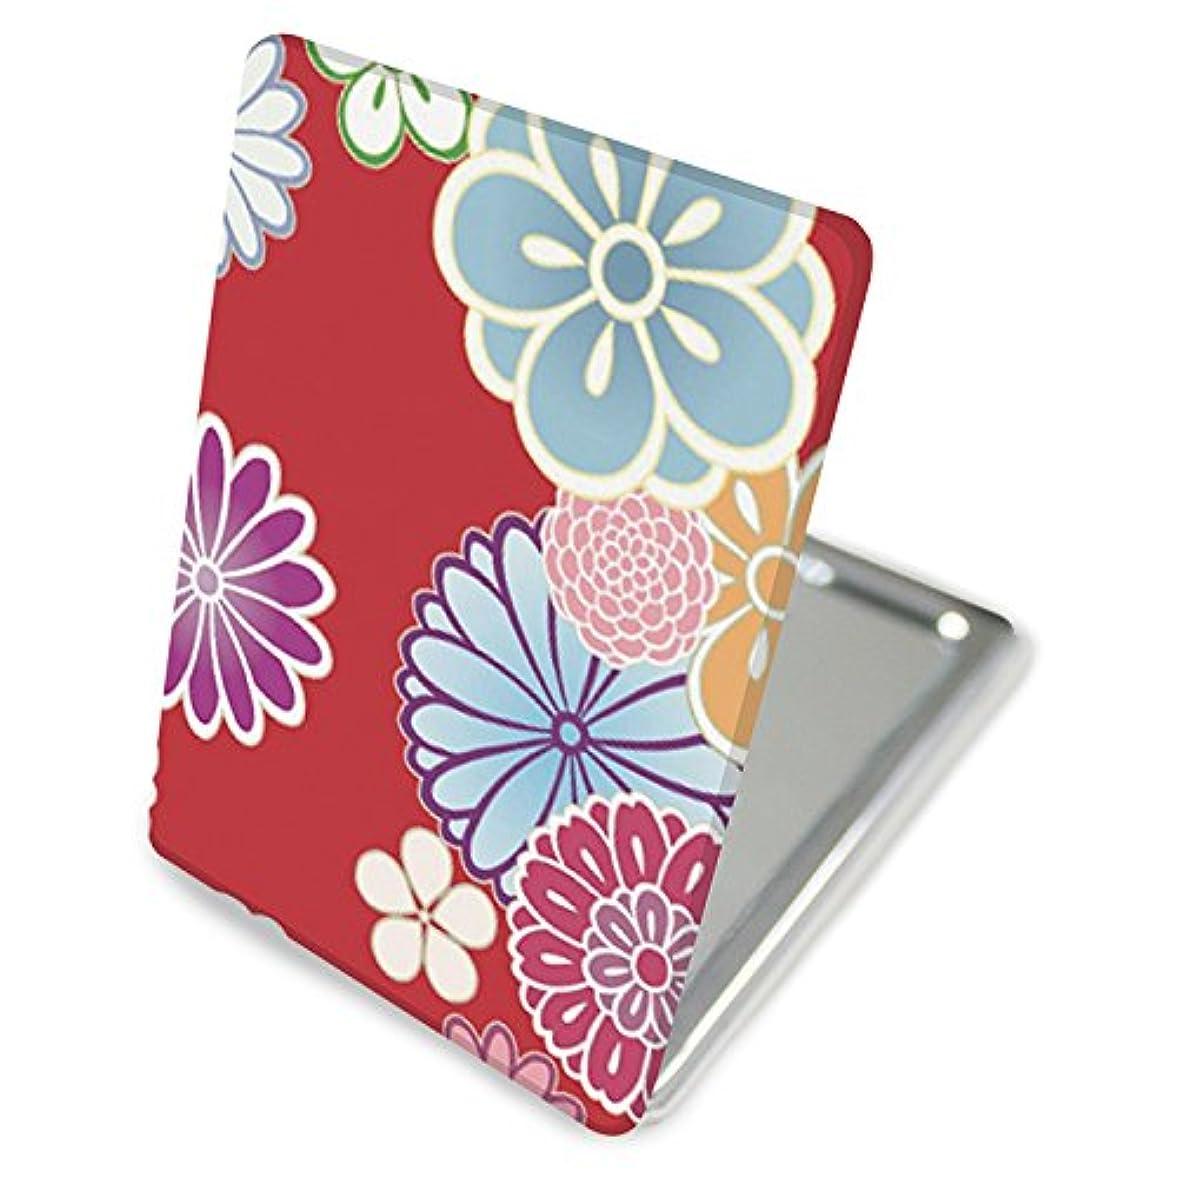 ブローホール封建トラブル(カリーナ) Carine 手鏡 コンパクトミラー ハンドミラー 拡大鏡付 持ち歩きに便利 かわいい kgm014(C) 花柄 フラワー デザイン 和柄 和風 和花